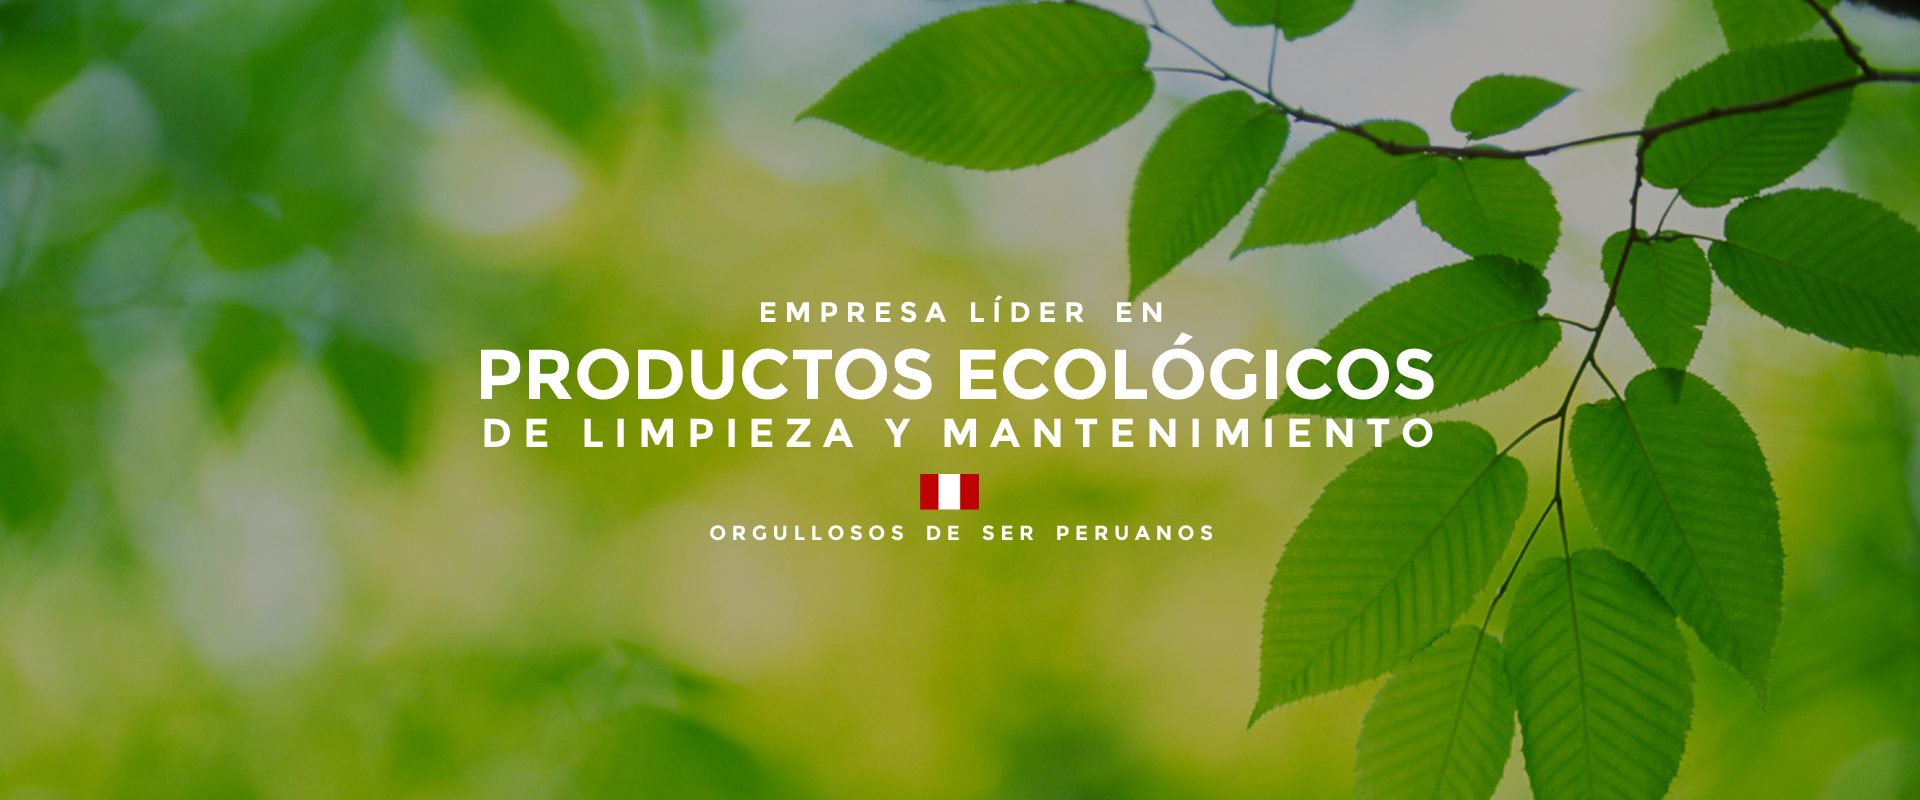 Qu 237 Mica Verde Productos Ecol 243 Gicos De Limpieza Y